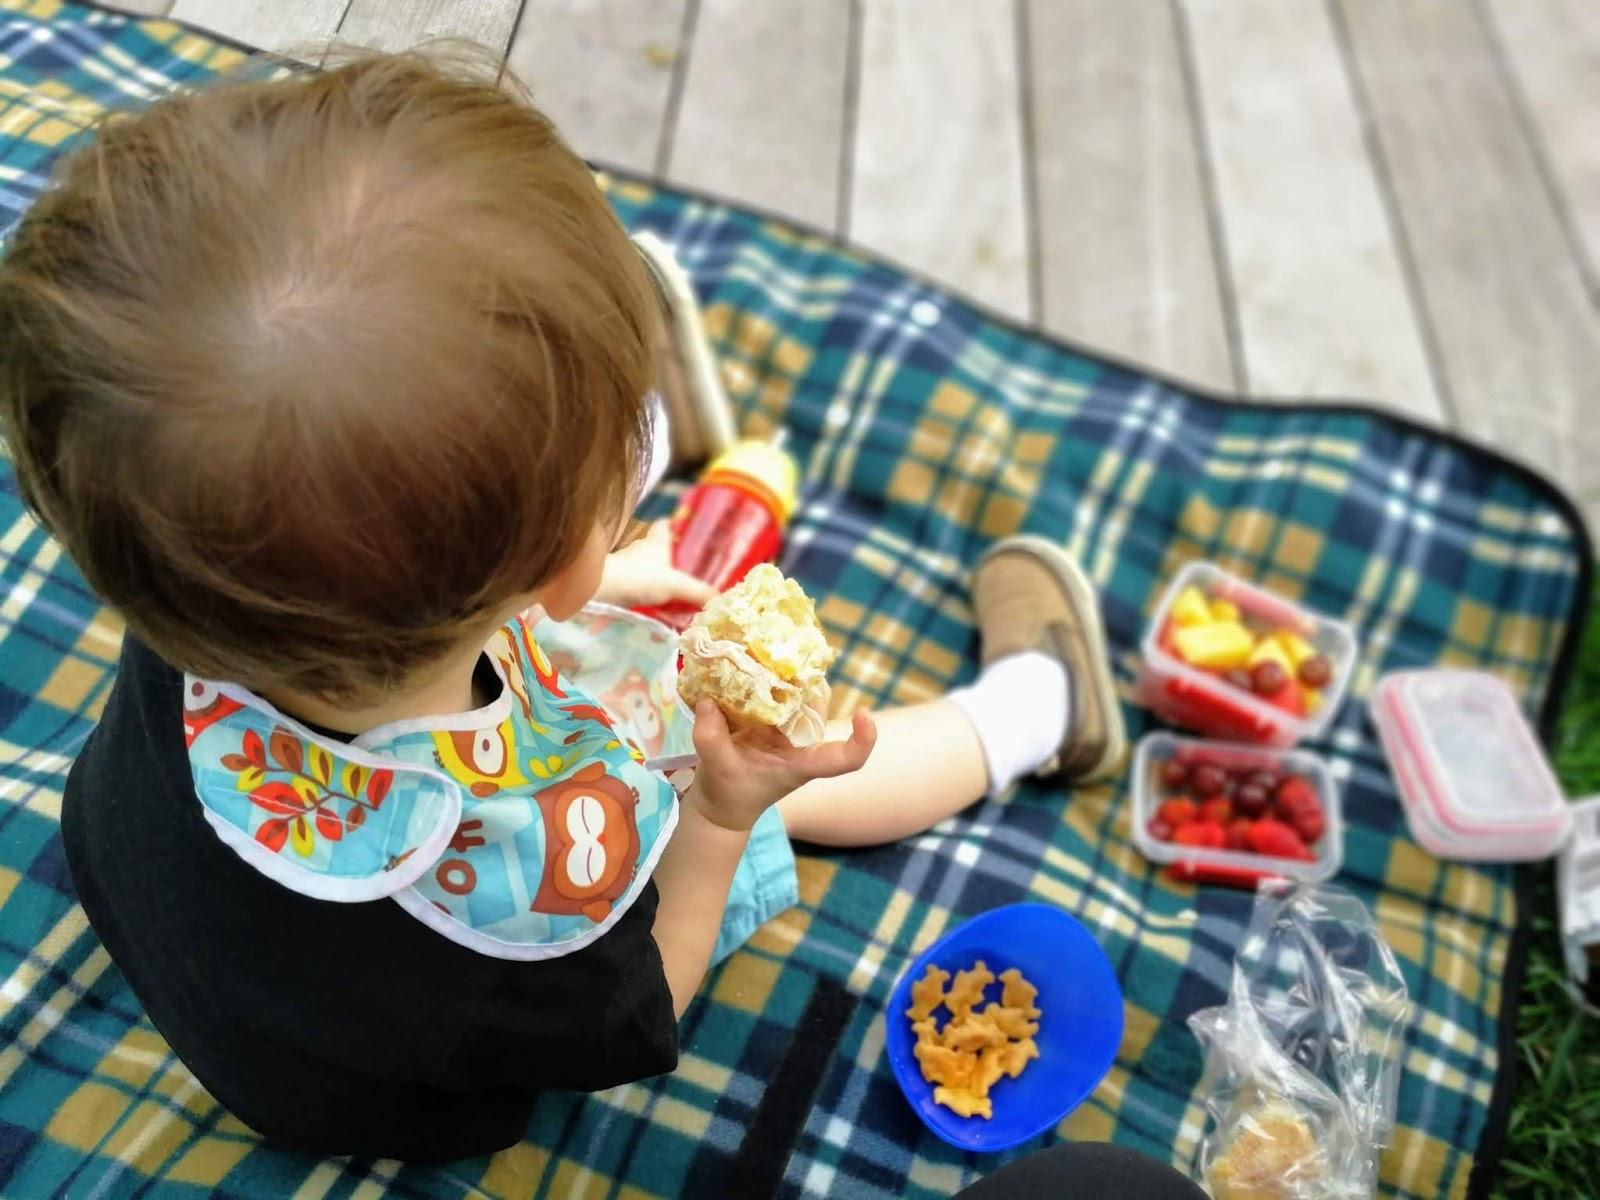 Outdoor activities with kids